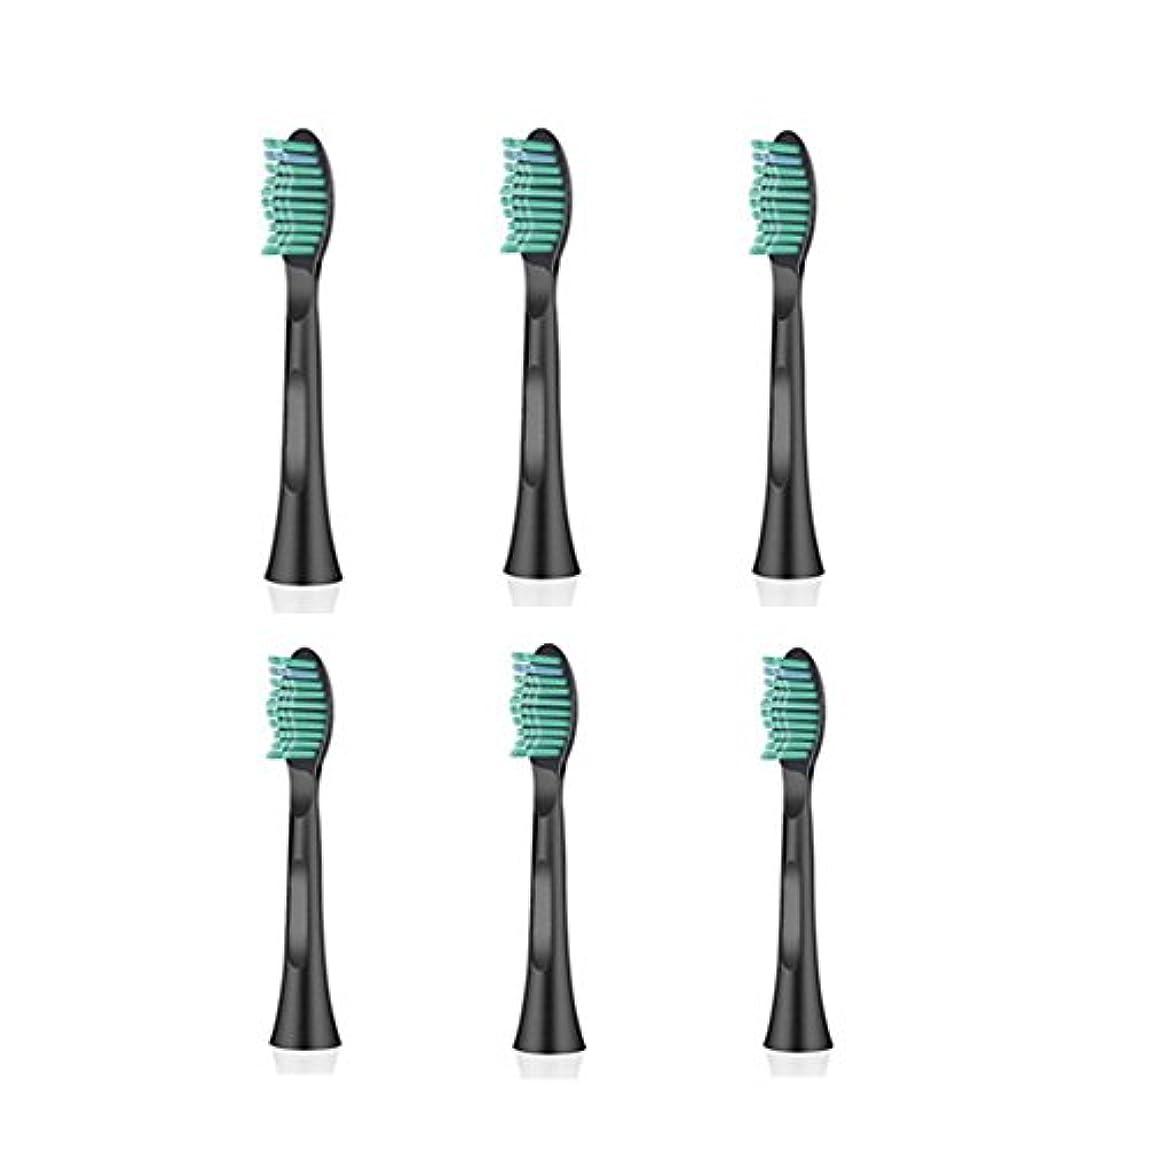 装備するデコードする豊かなITECHNIK 電動歯ブラシ 音波式歯ブラシ 替えブラシ 6本入 黒い